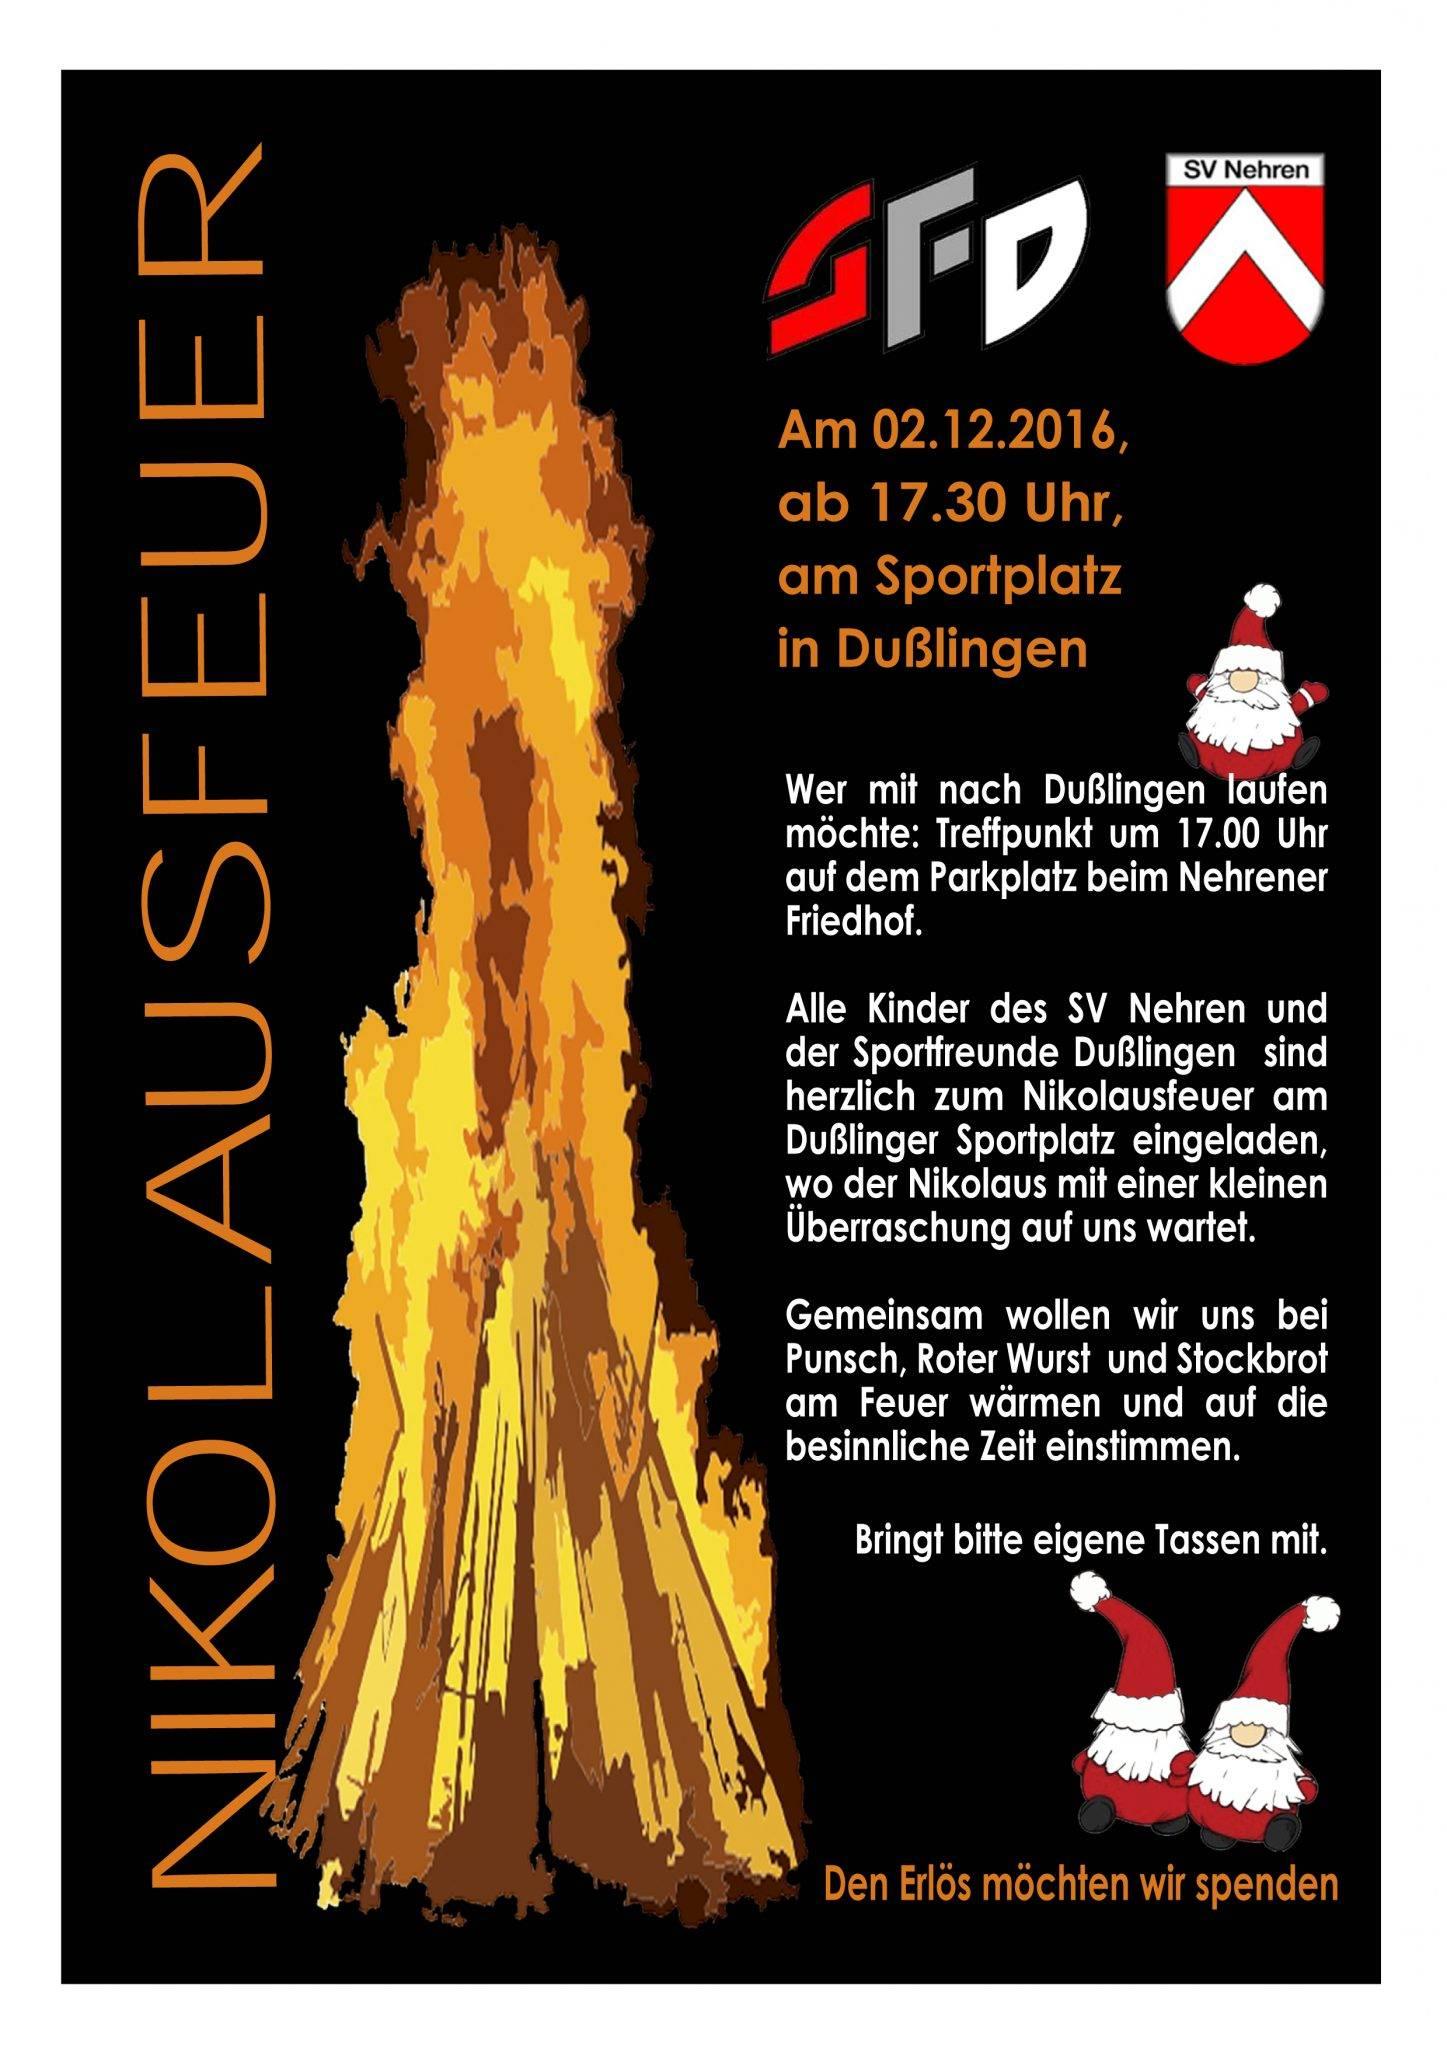 flyer-kinderweihnachtsfeier-nehren-kopie_bearbeitet-1